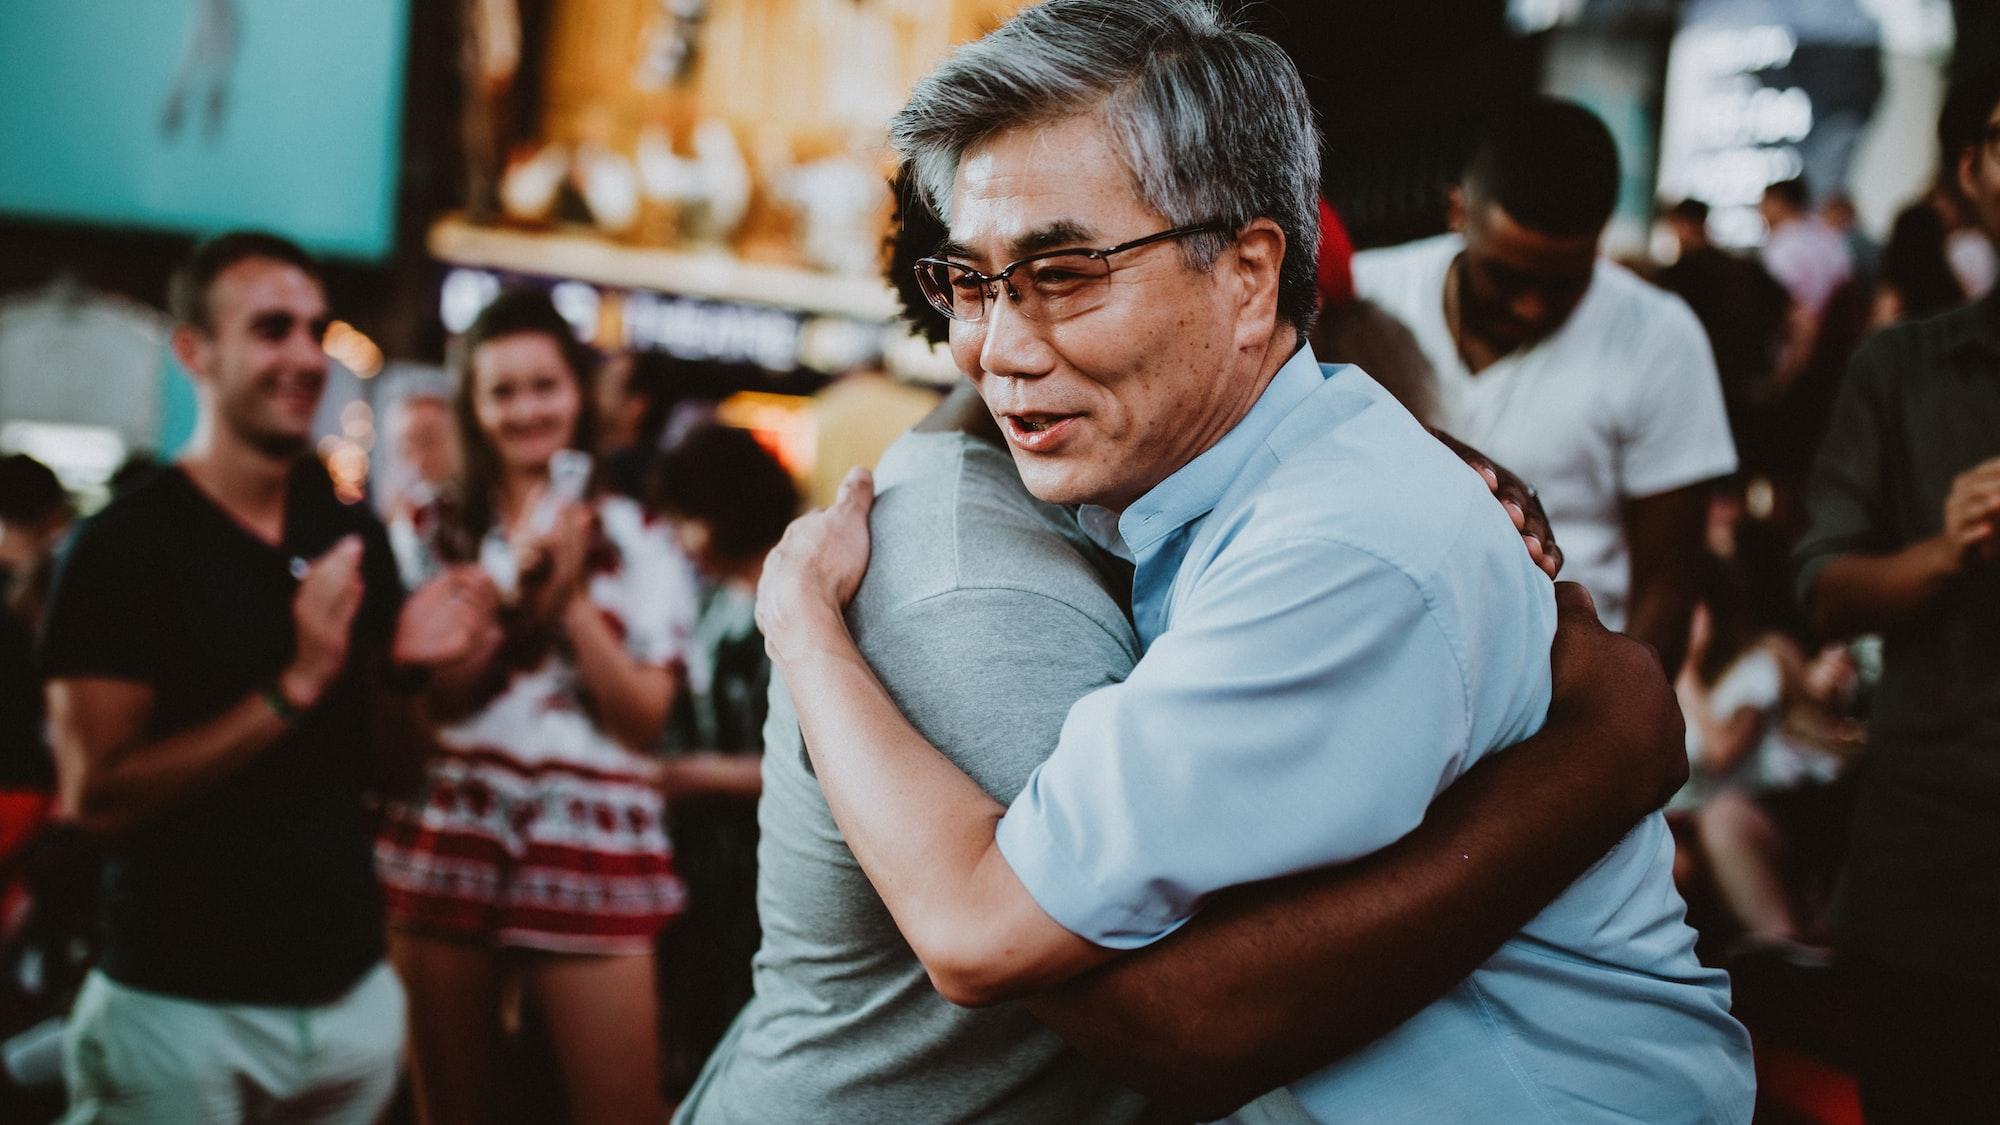 WORSHIP AND HUG